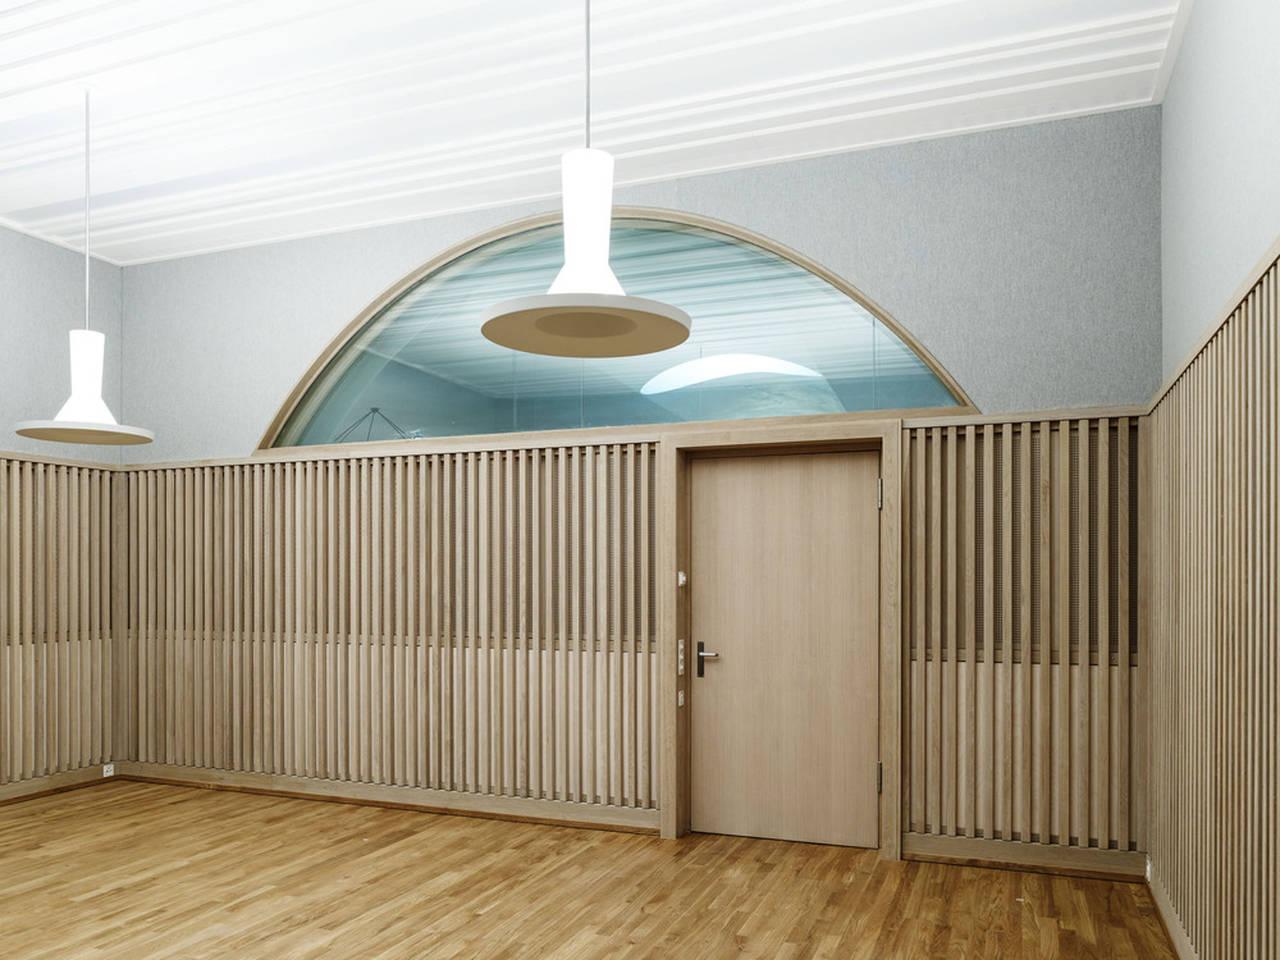 Jazz Campus Rehearsal Room en Basilea, Suiza diseñado por Buol&Zünd : Photo credit © Georg Aerni